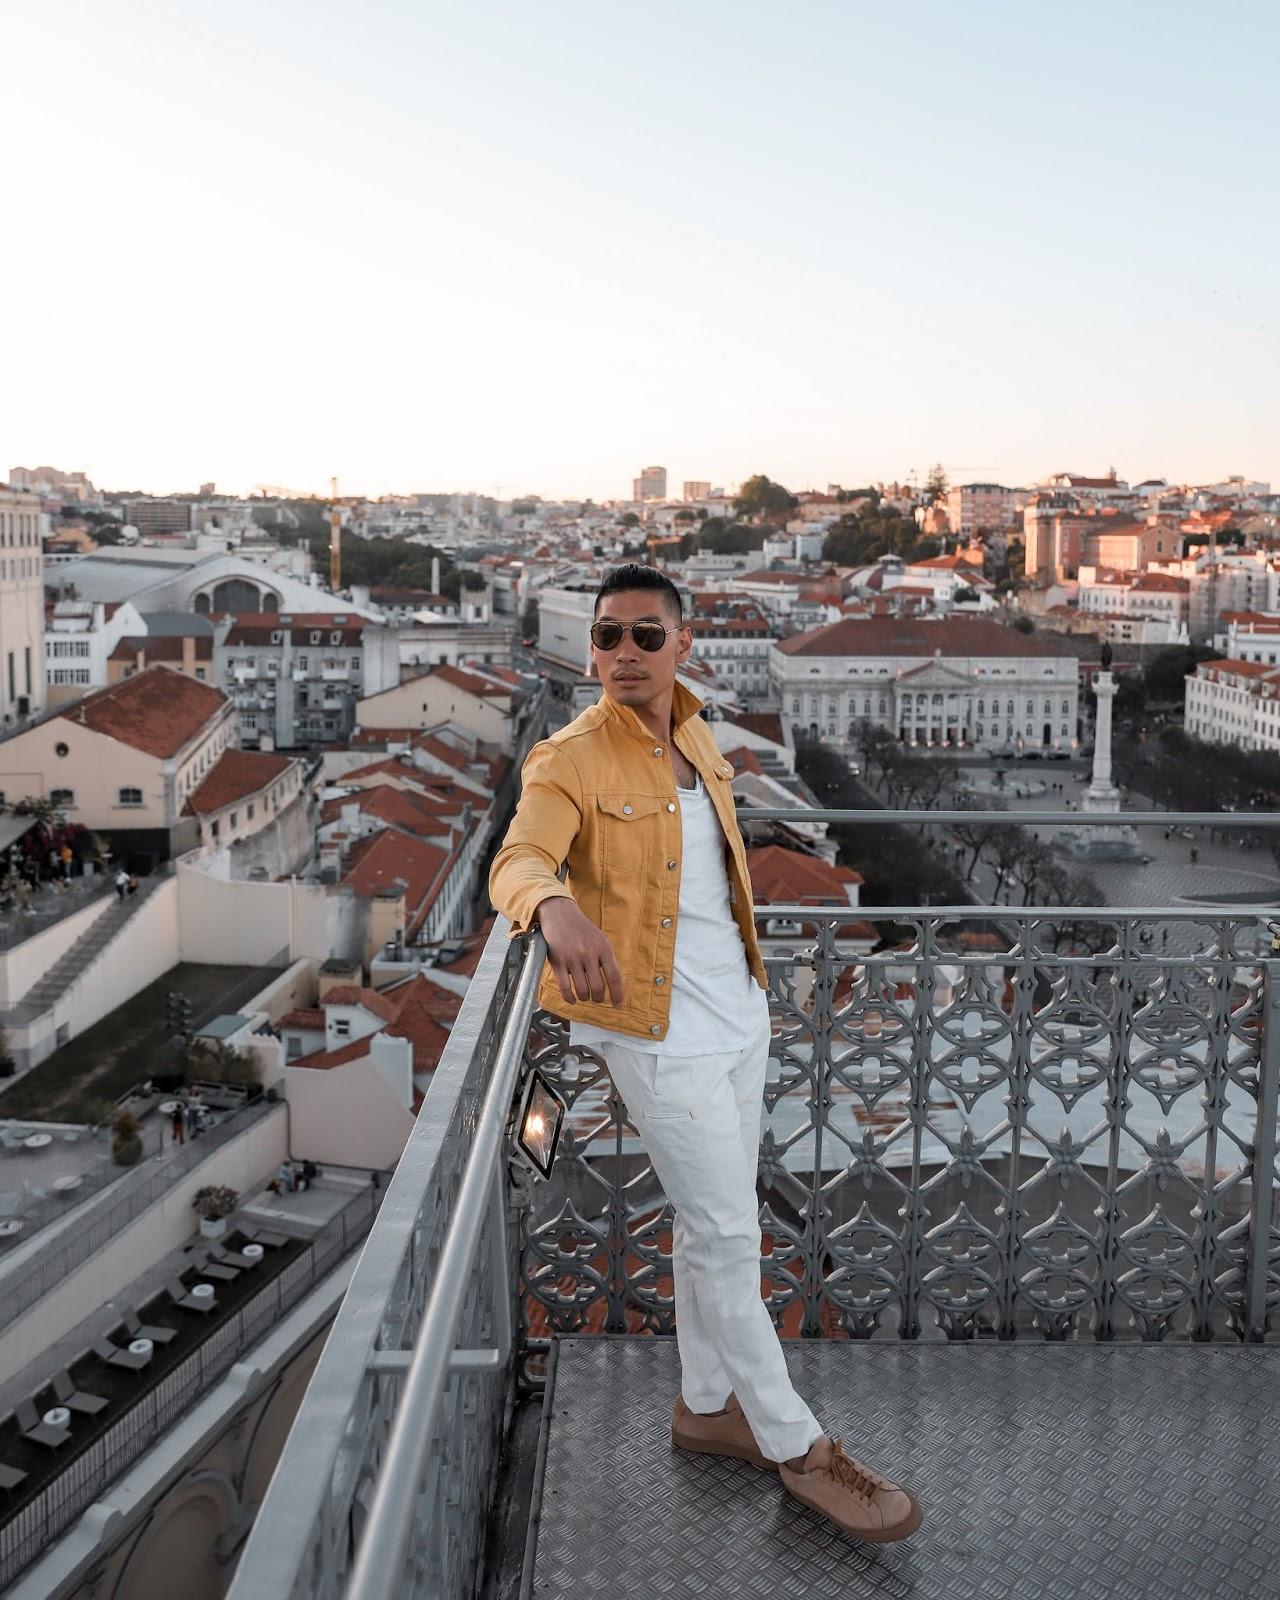 Leo Chan at the Santa Justa Lift | Tips and Tricks